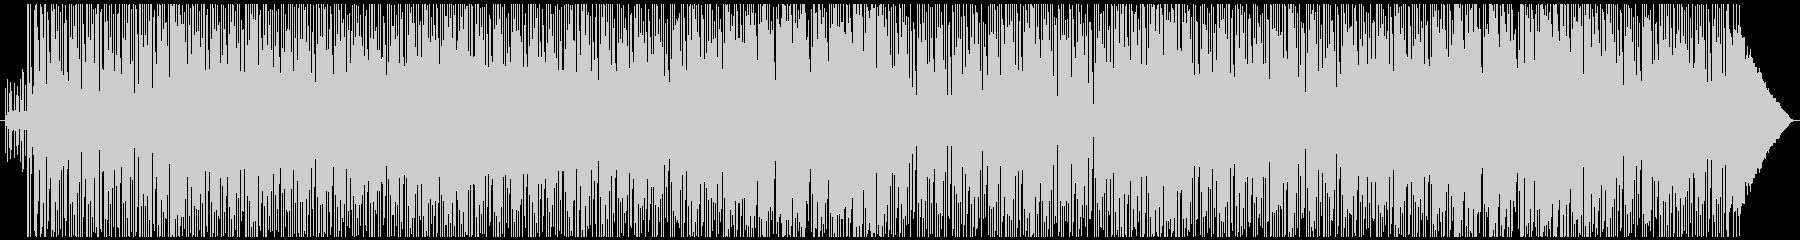 ノリの良い伸びやかなオリジナルインスト曲の未再生の波形